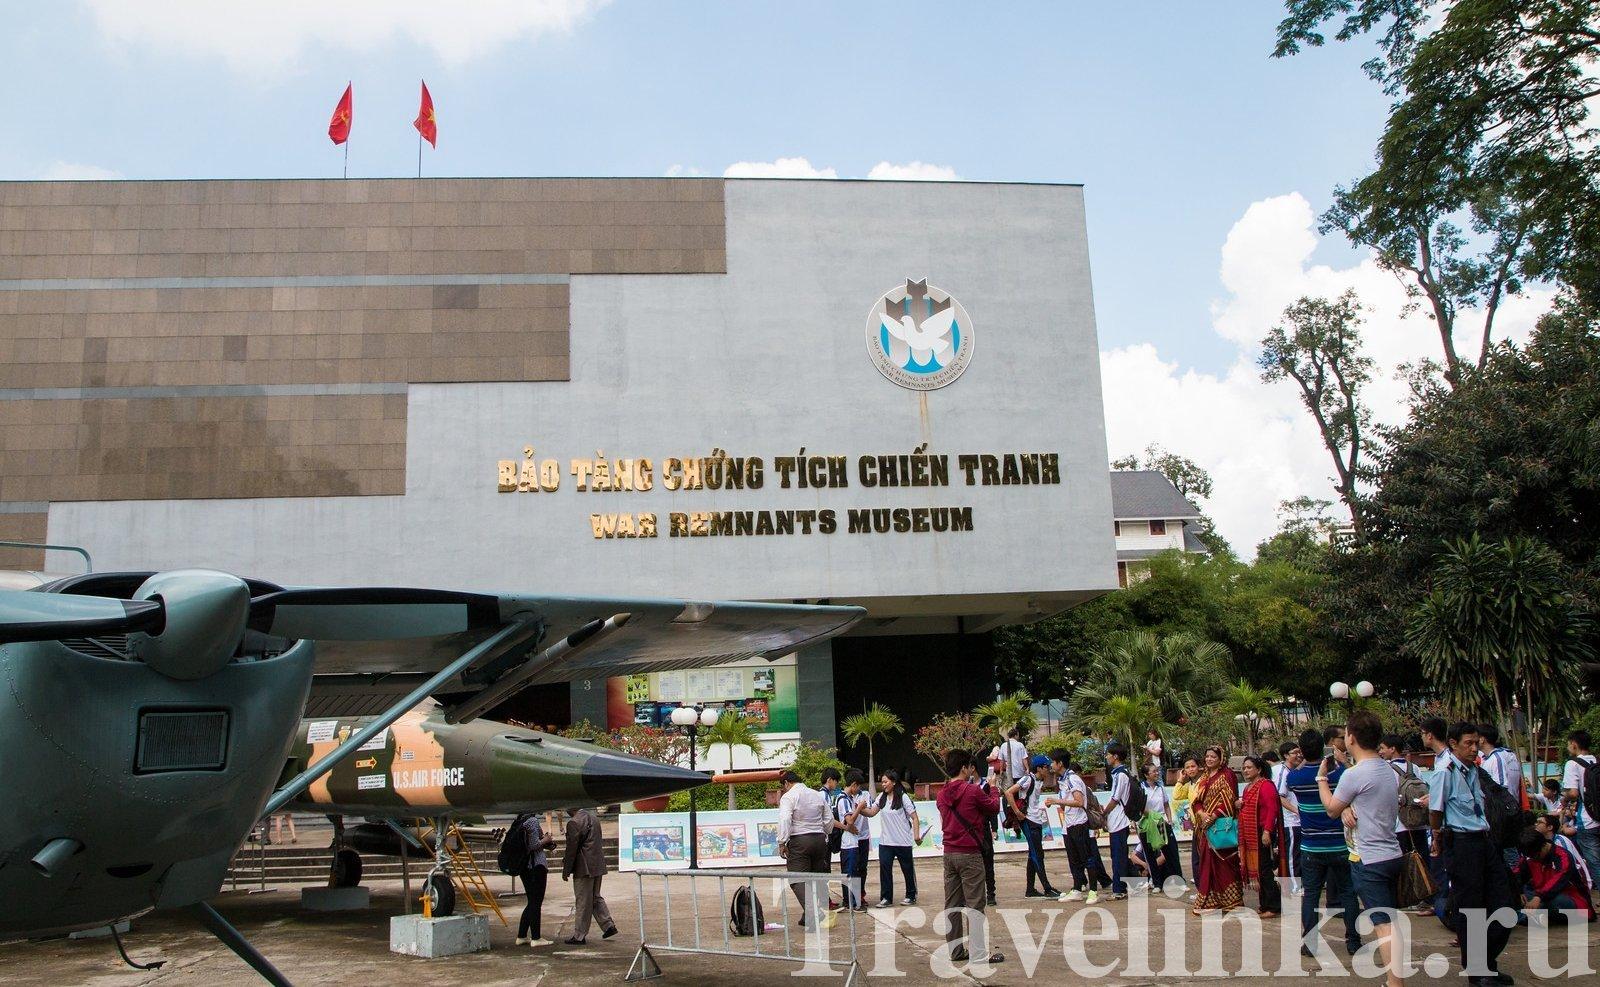 hochimin vietnam (29)